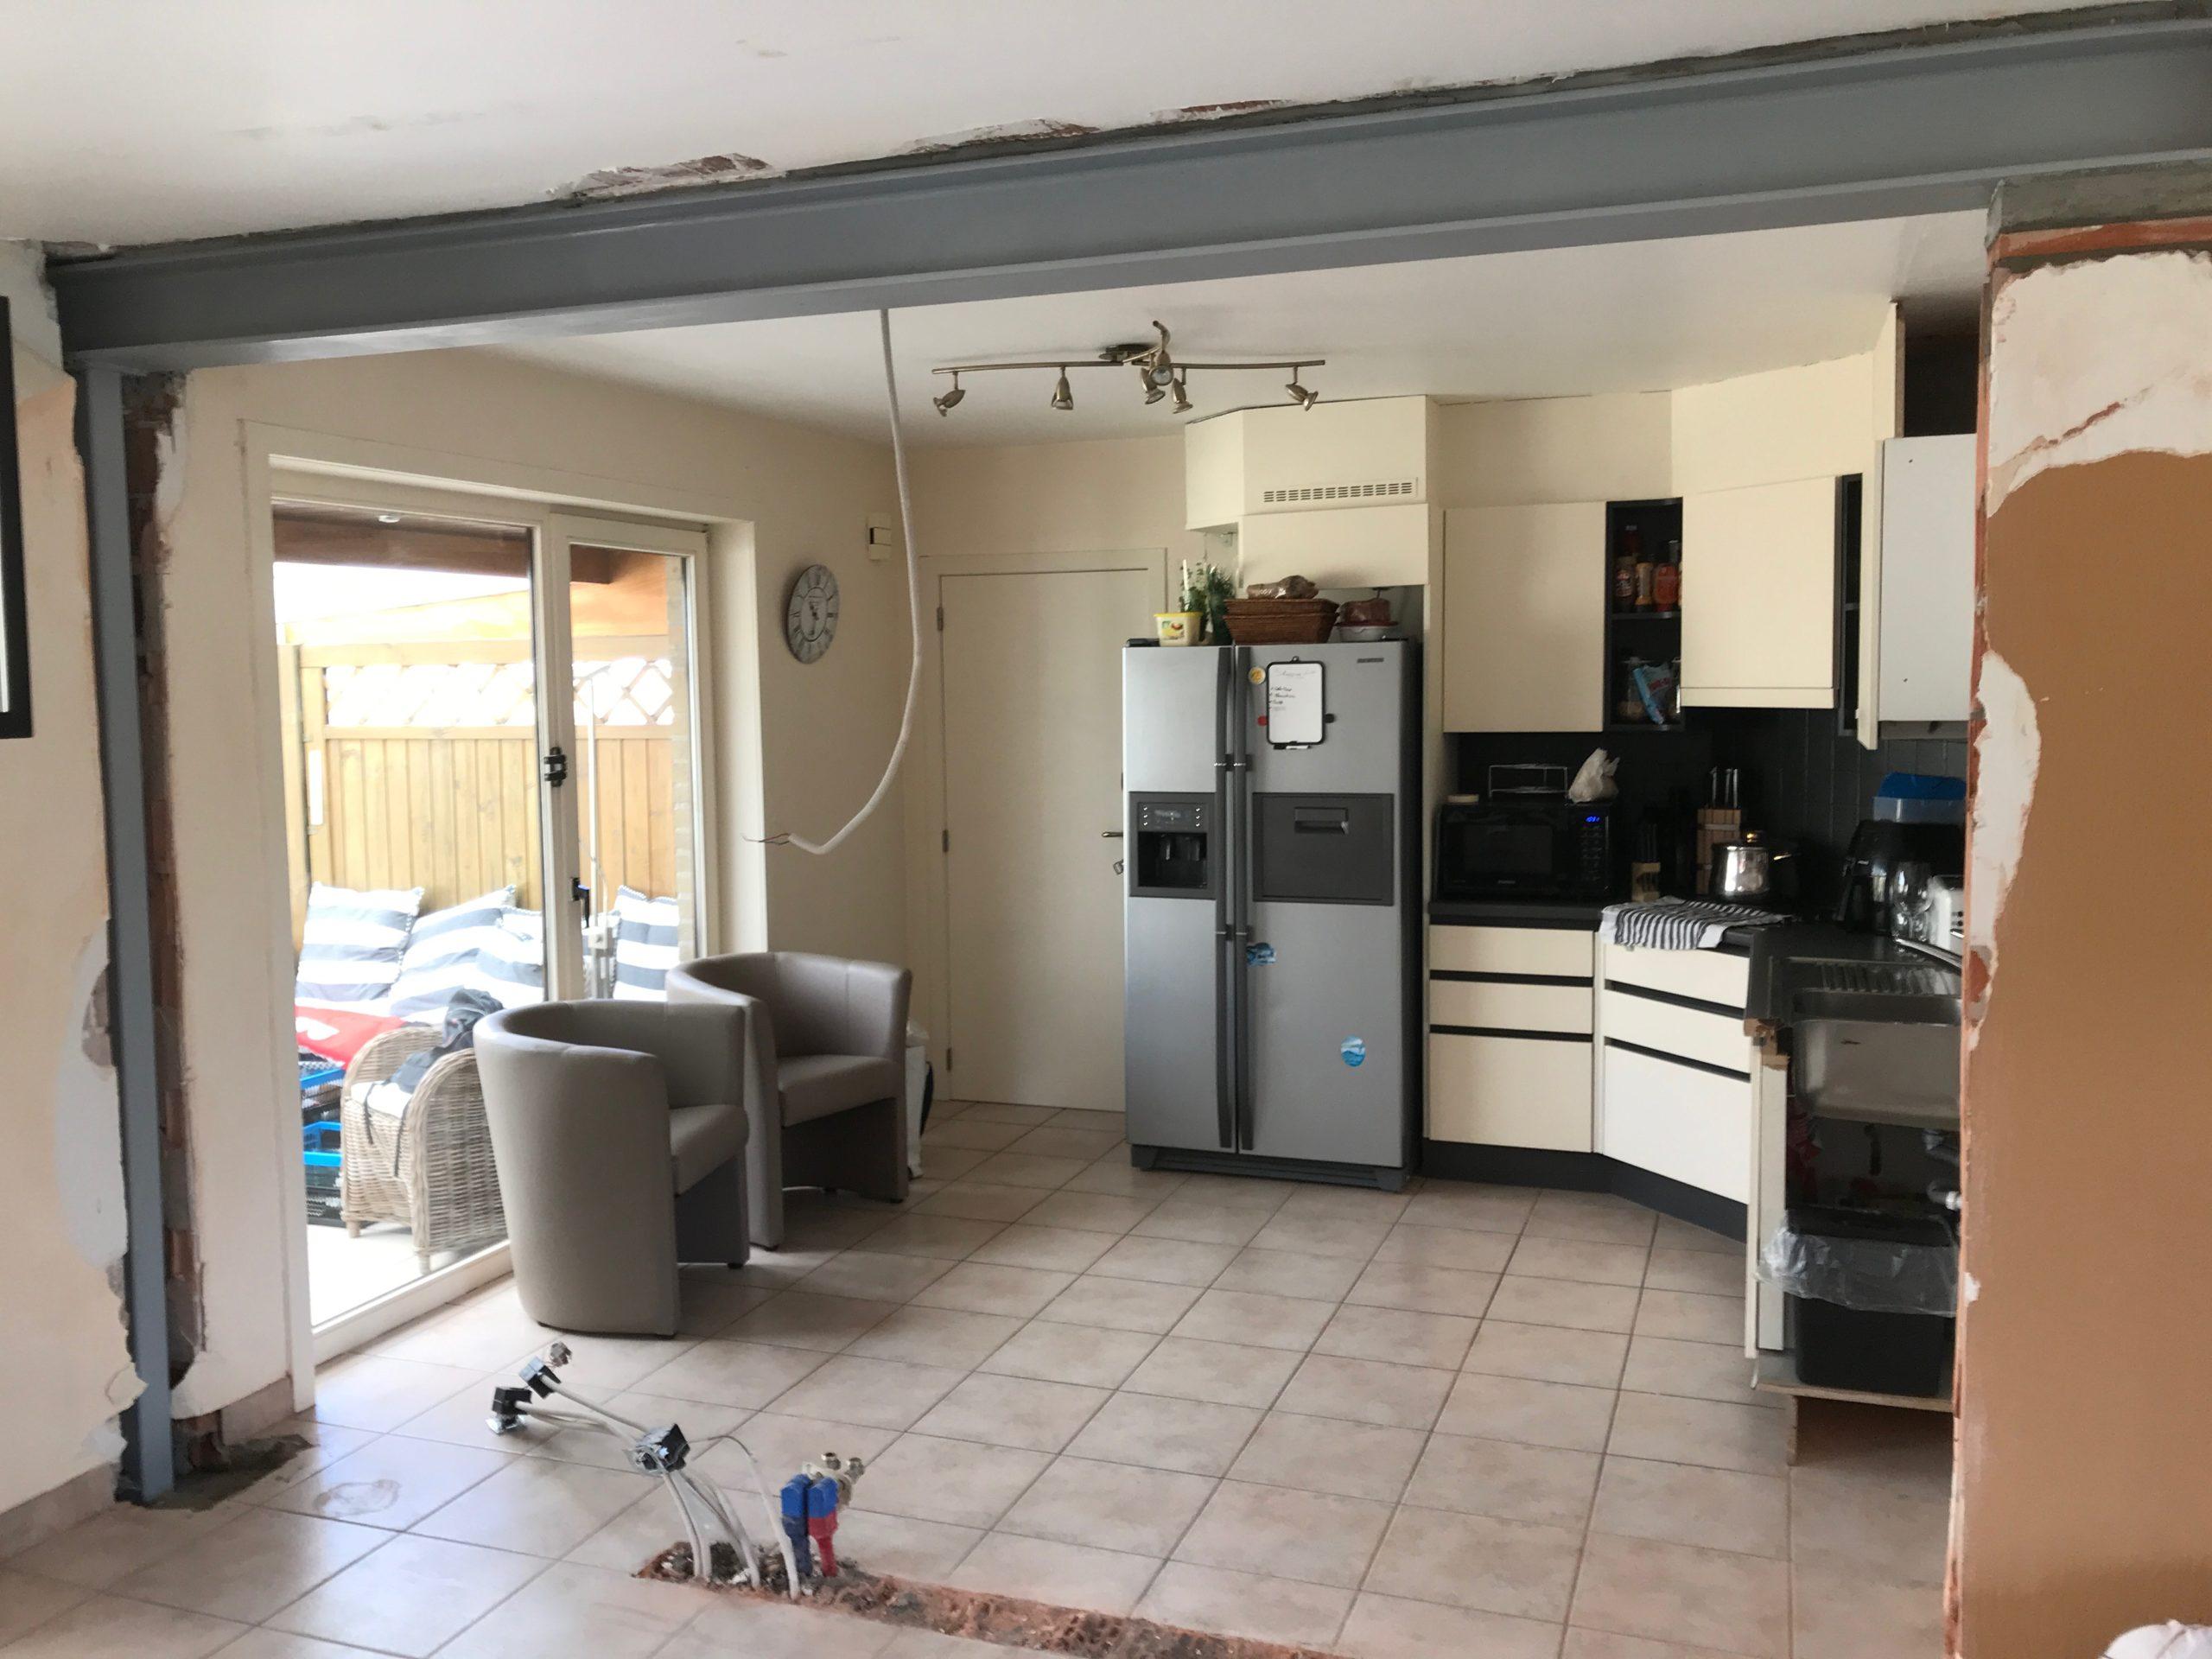 Keuken living open maken